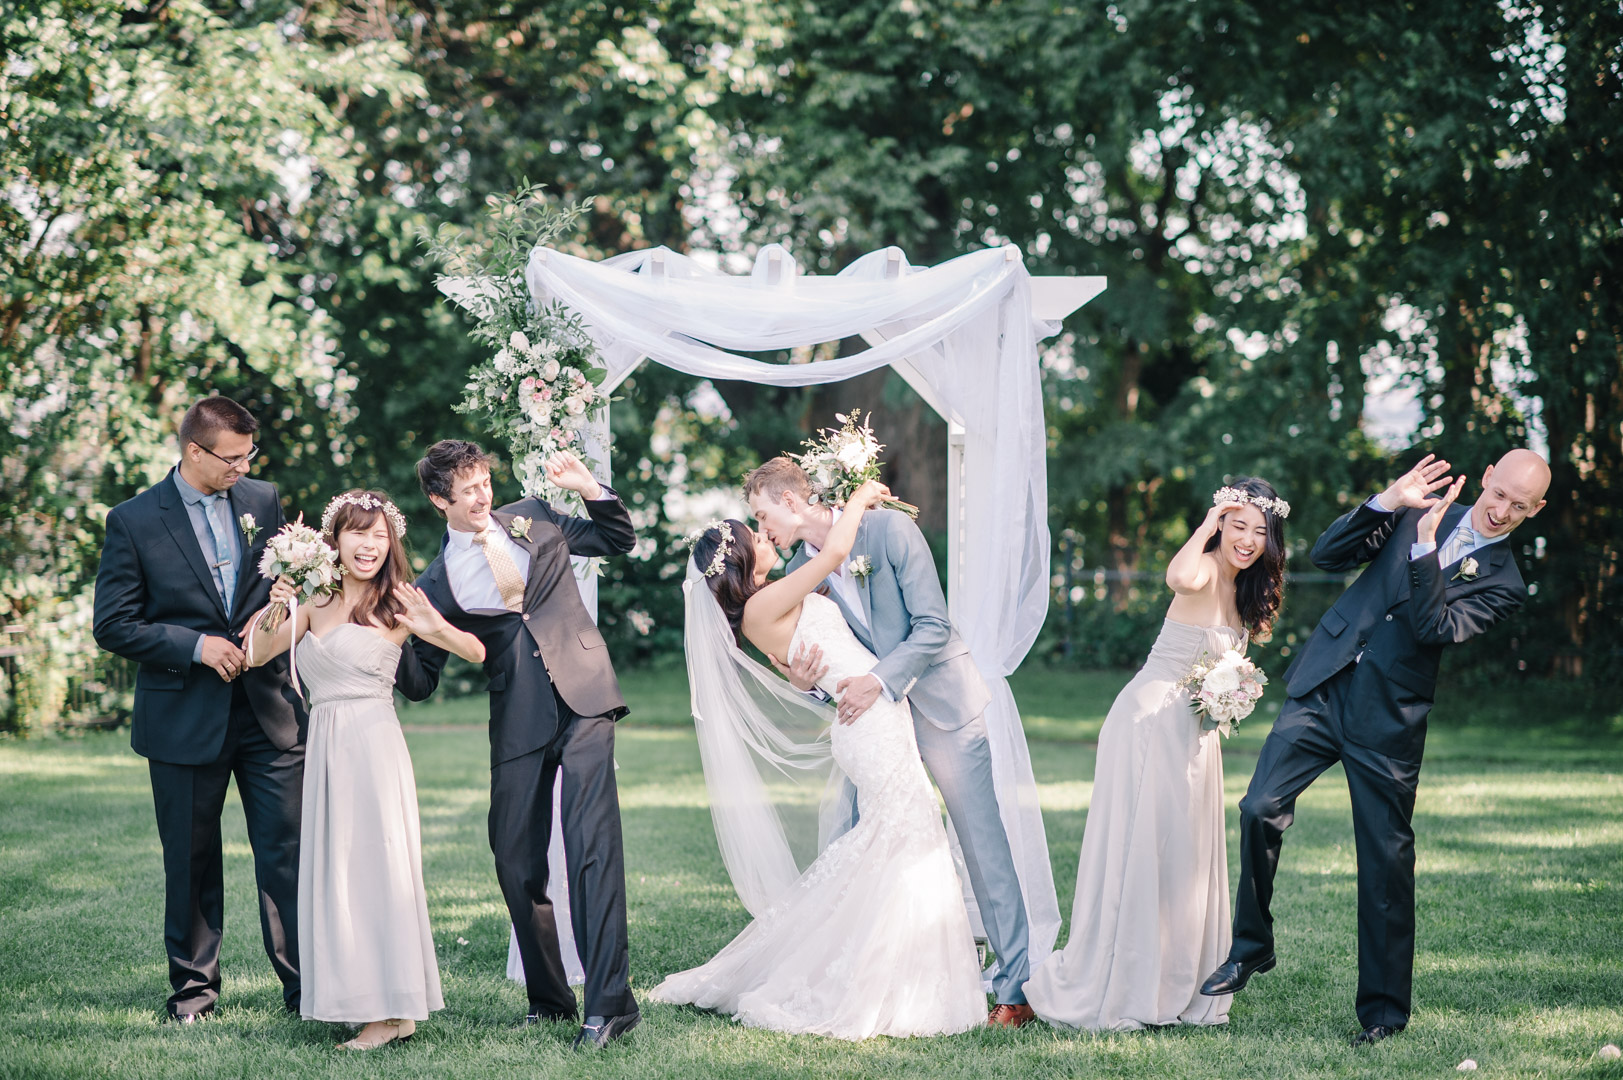 geraldos-lasalle-burlington-wedding